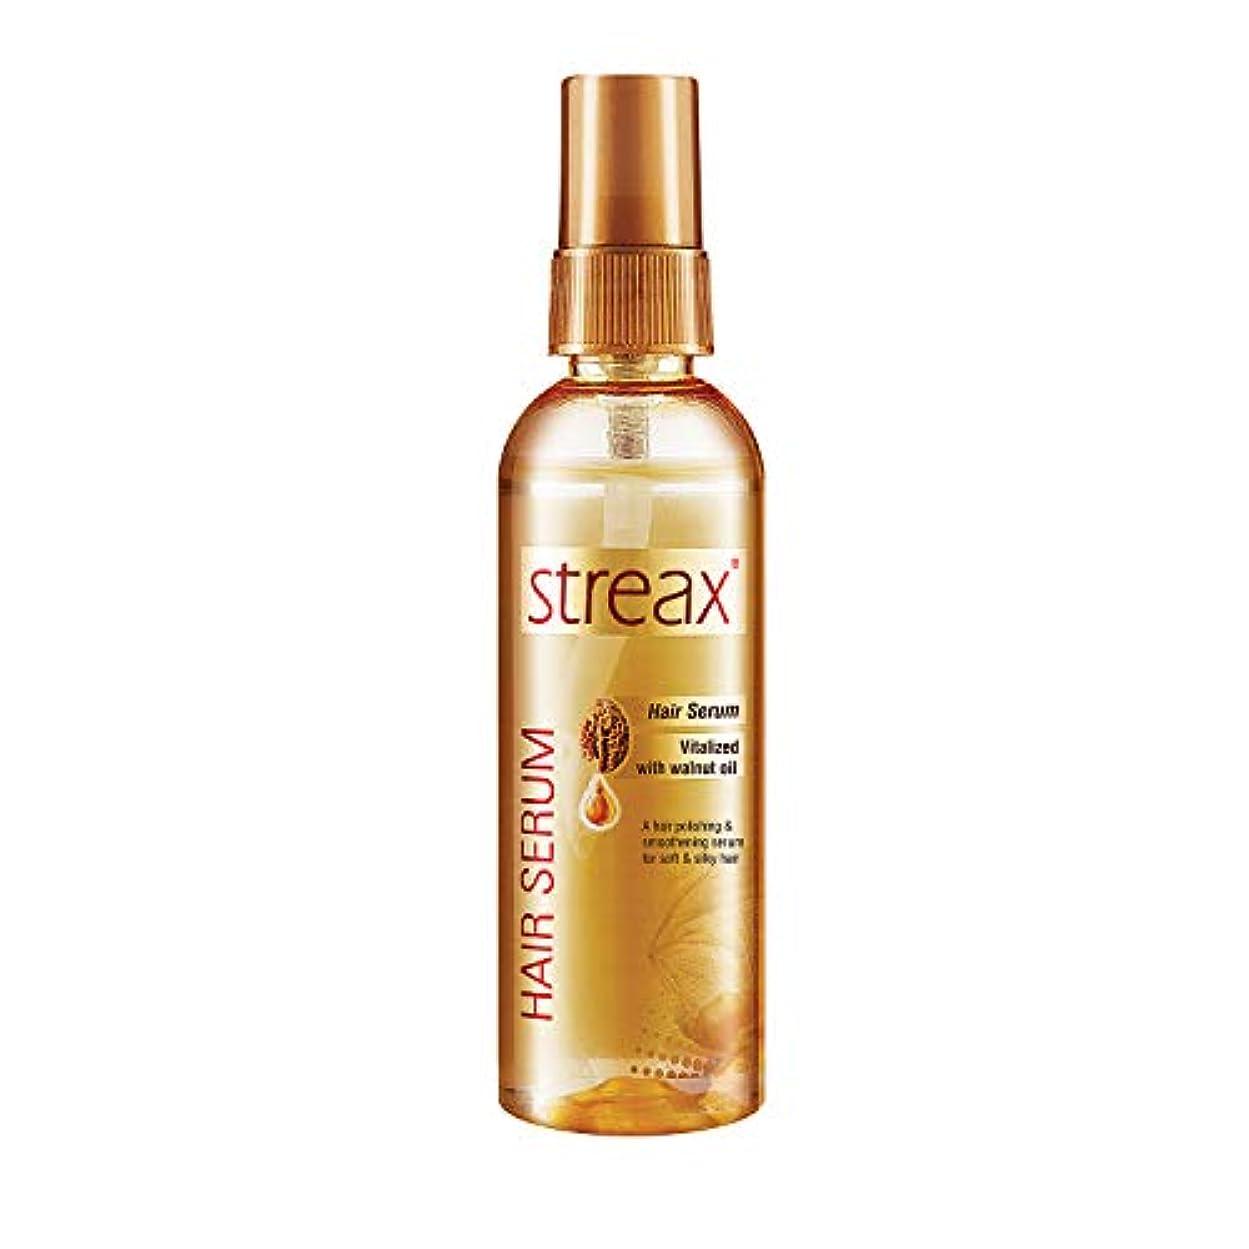 つかいますリム怠なクルミオイルで強化しStreax髪血清は縮れフリーサテンスムースヘア100ミリリットルを提供します( 3.5オンス)Streax Hair Serum Enriched with Walnut Oil Gives Frizz-free...